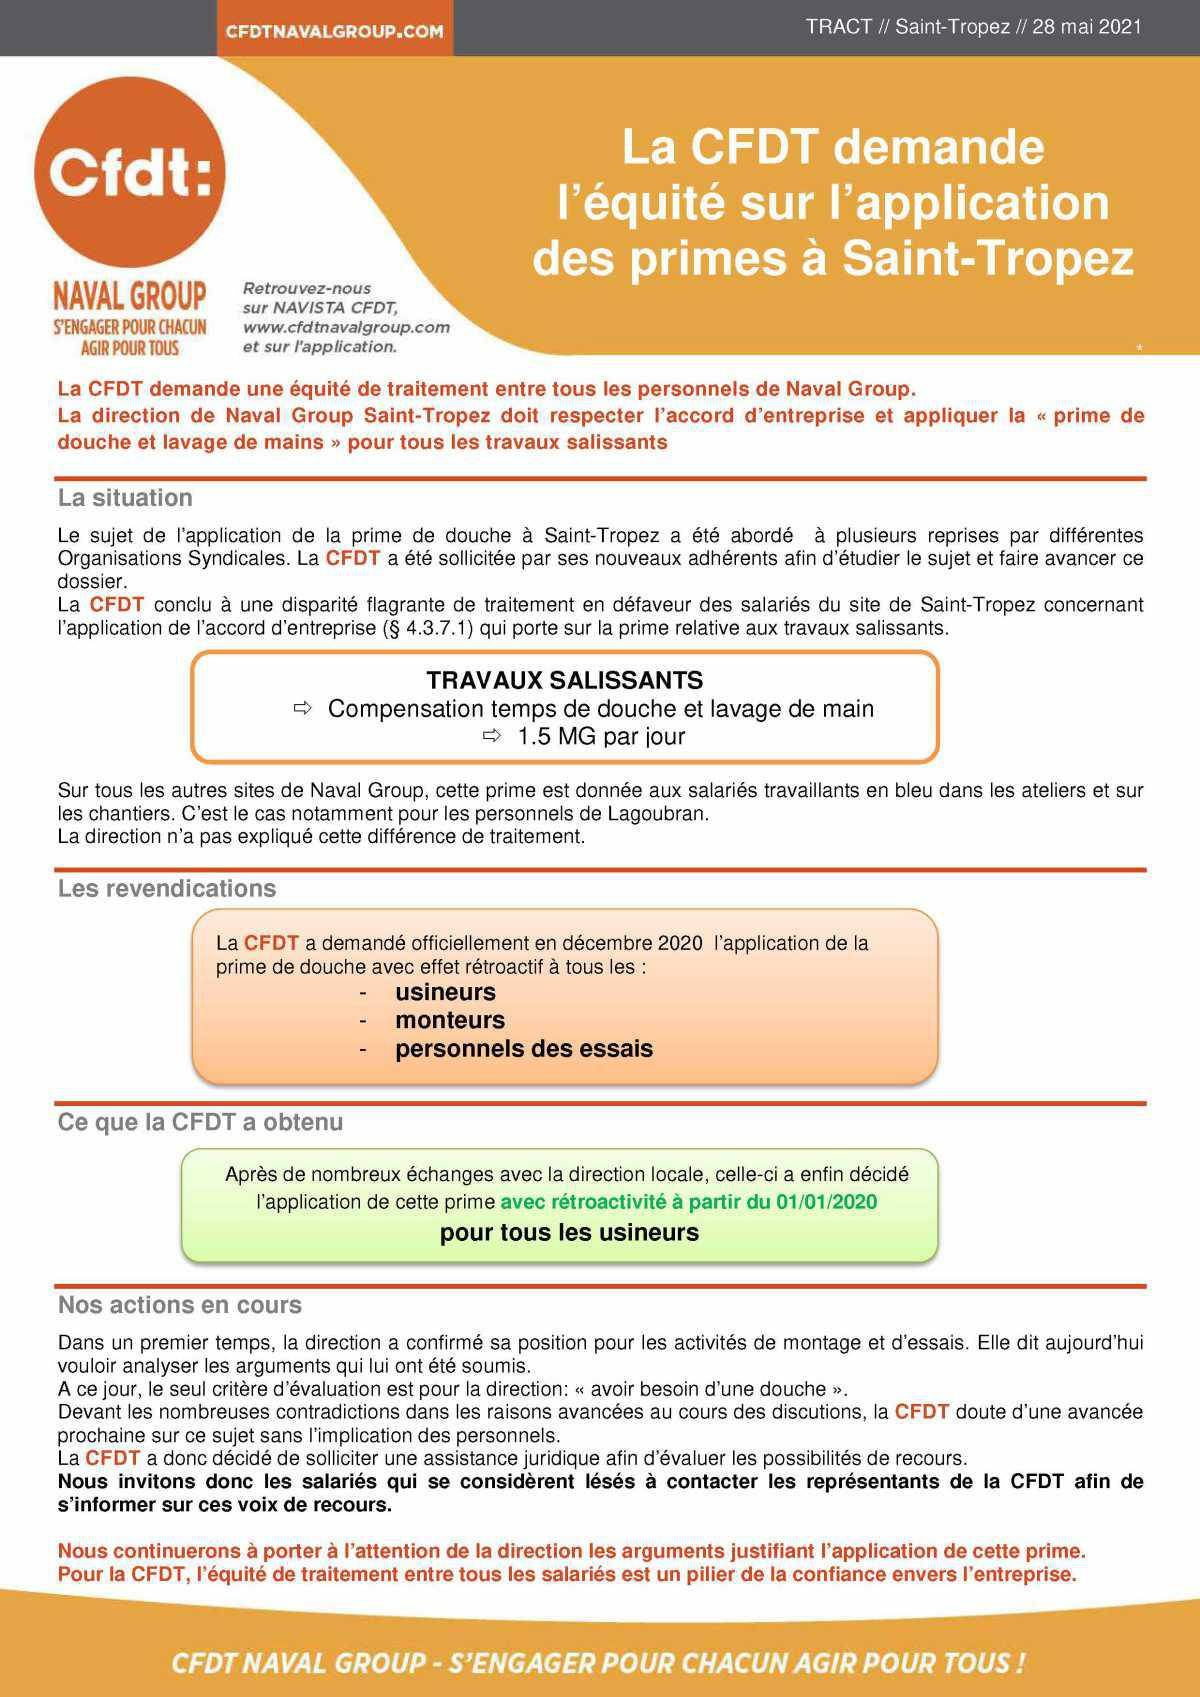 TRACT : La CFDT demande l'équité sur l'application des primes à Saint-Tropez